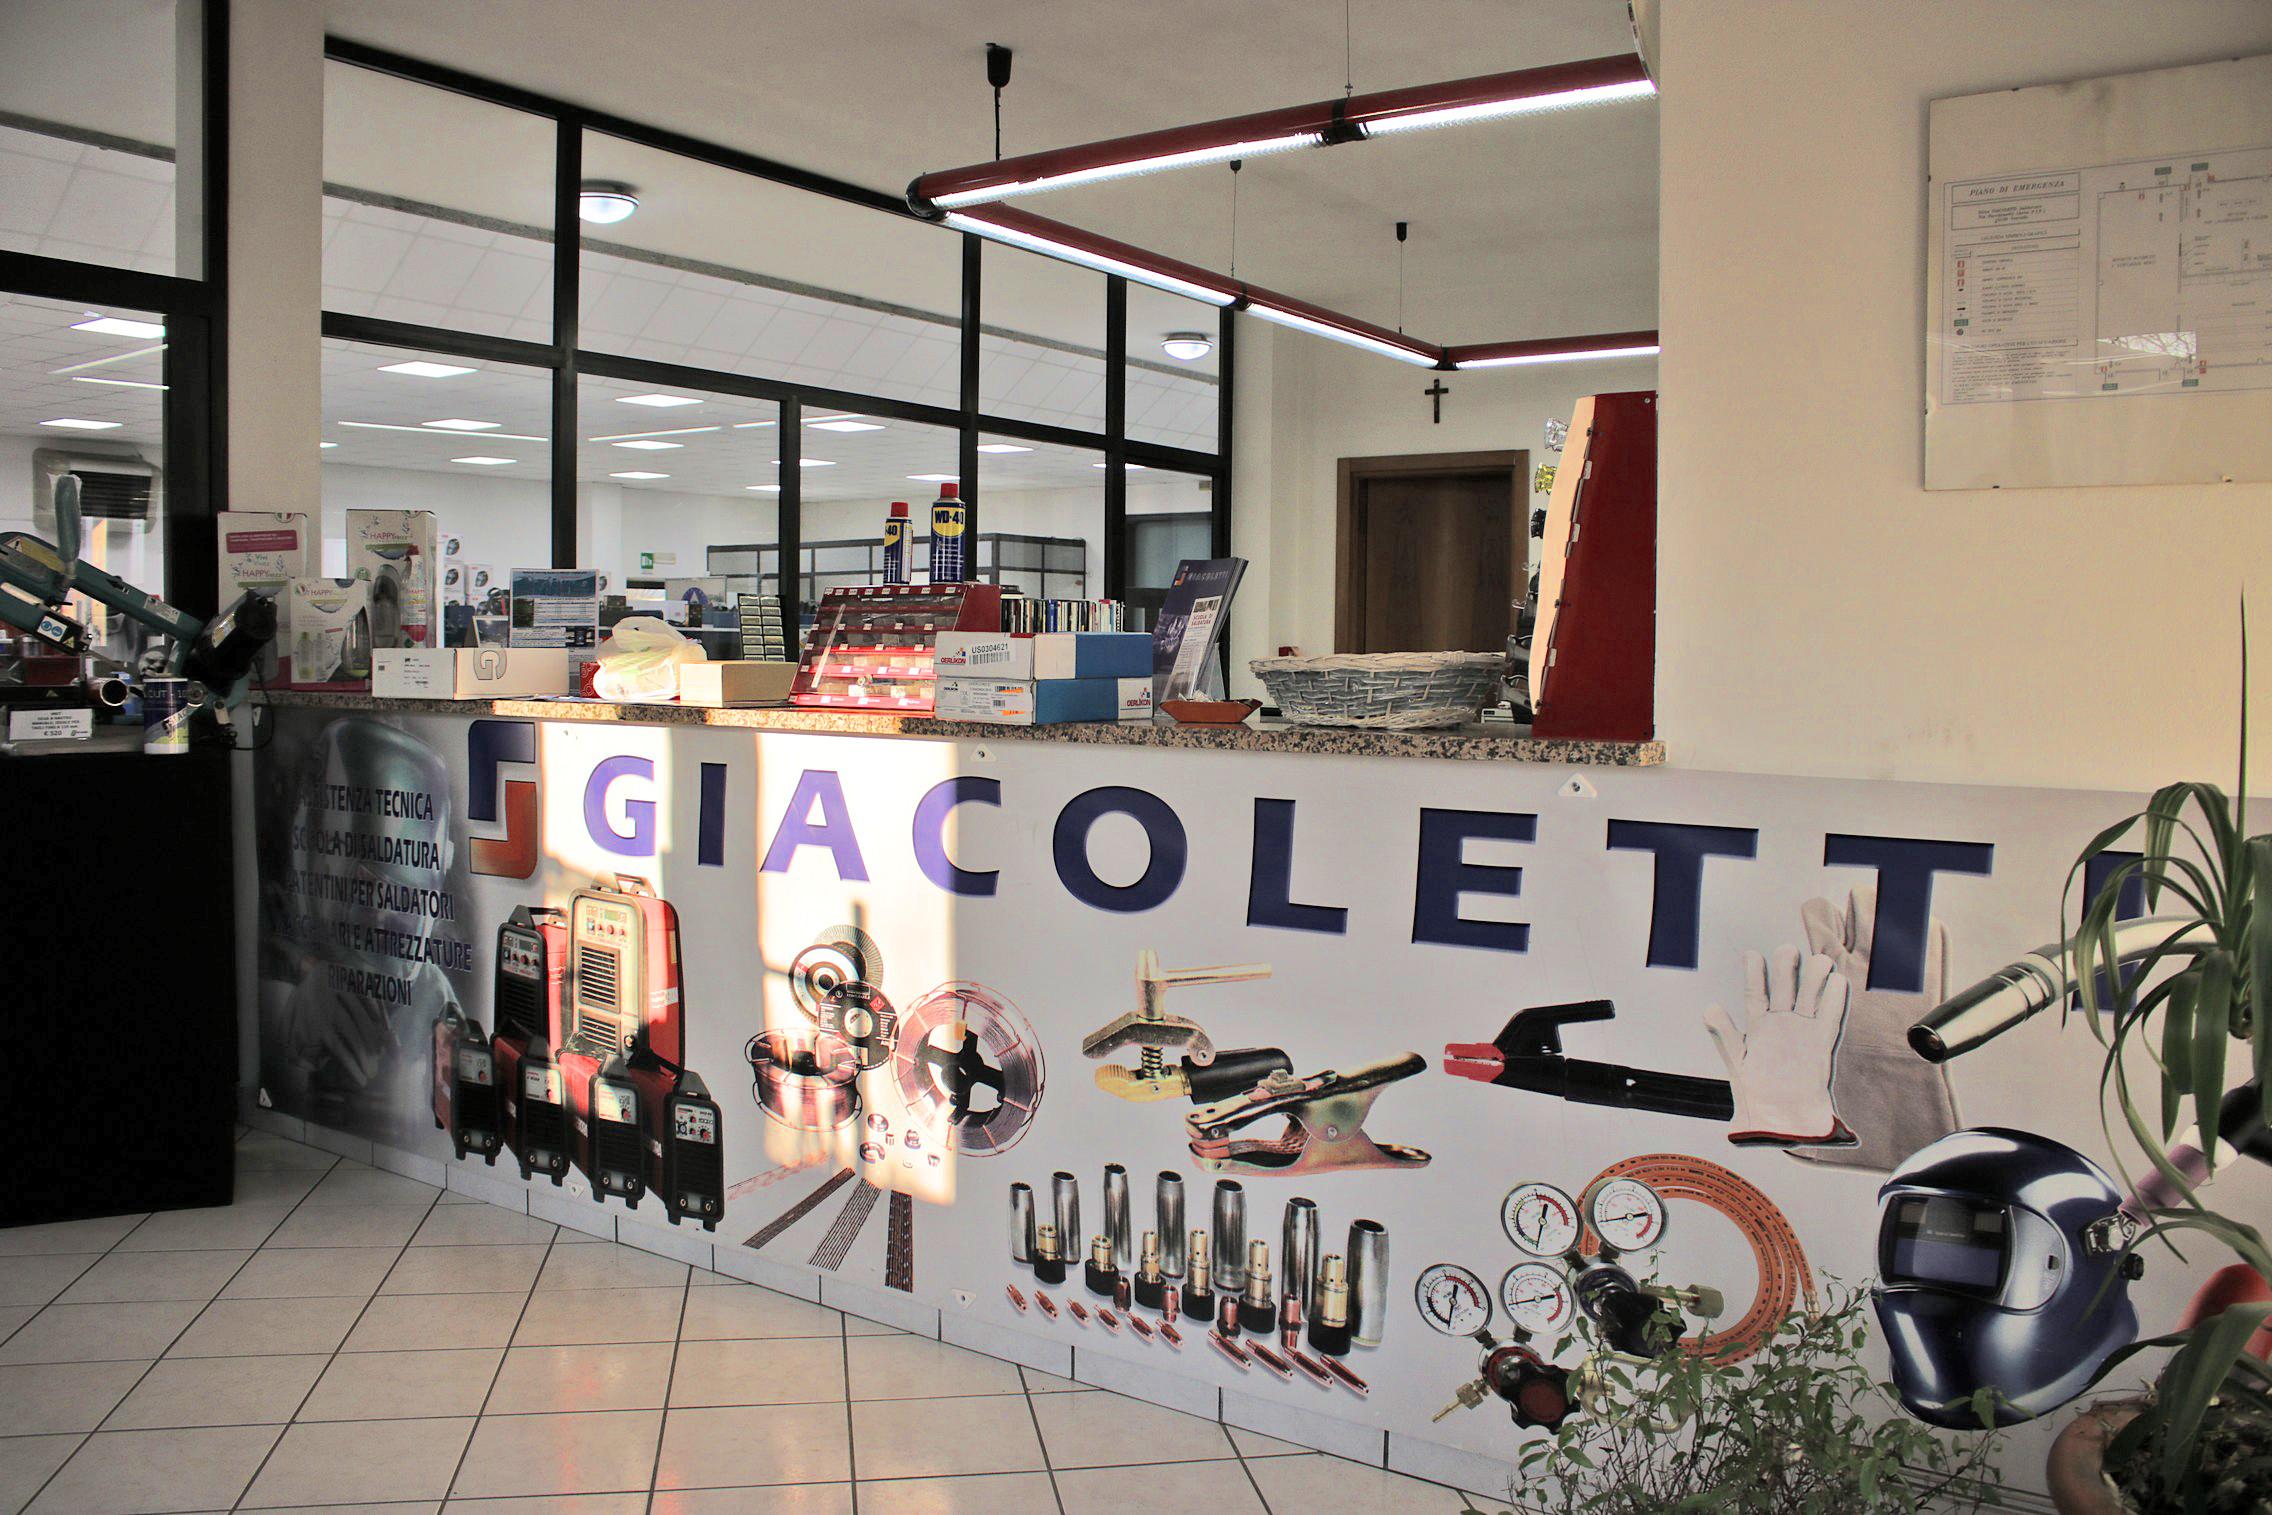 giacoletti089